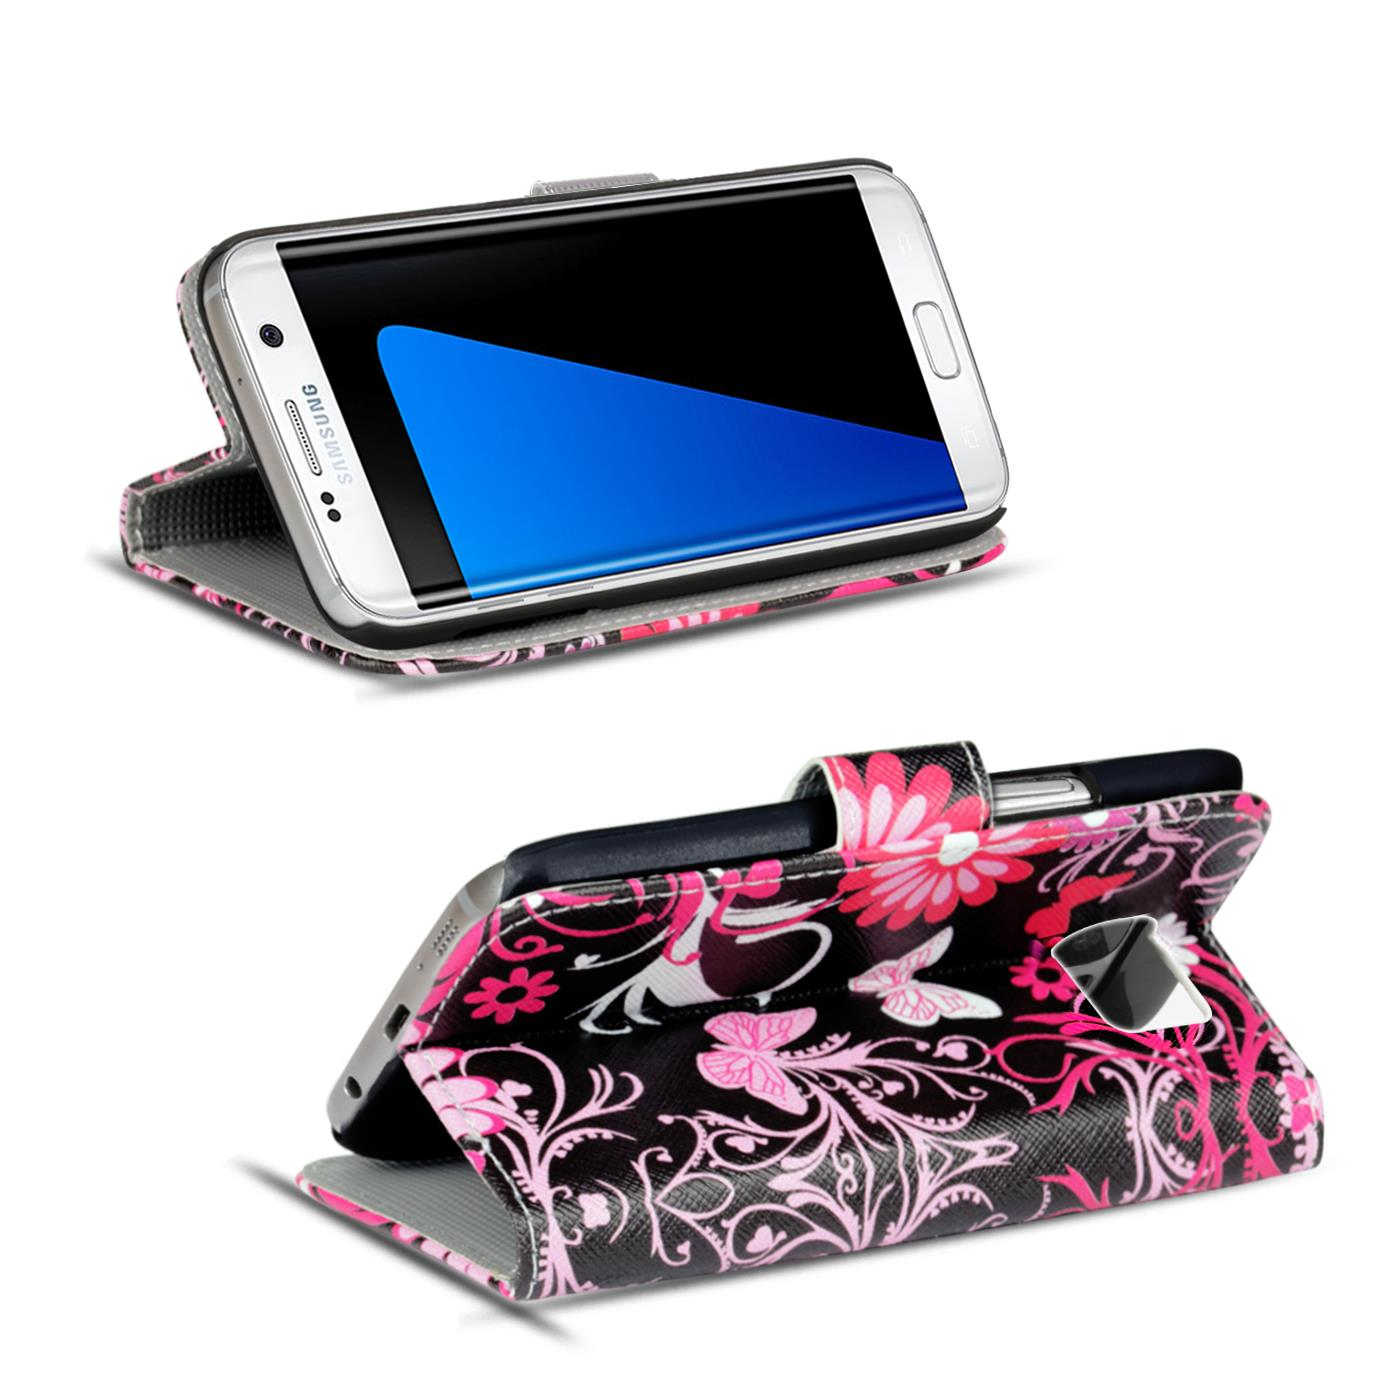 Schutz-Huelle-fuer-Samsung-Galaxy-Handy-Tasche-Flip-Cover-Wallet-Etui-Case-Schale Indexbild 19